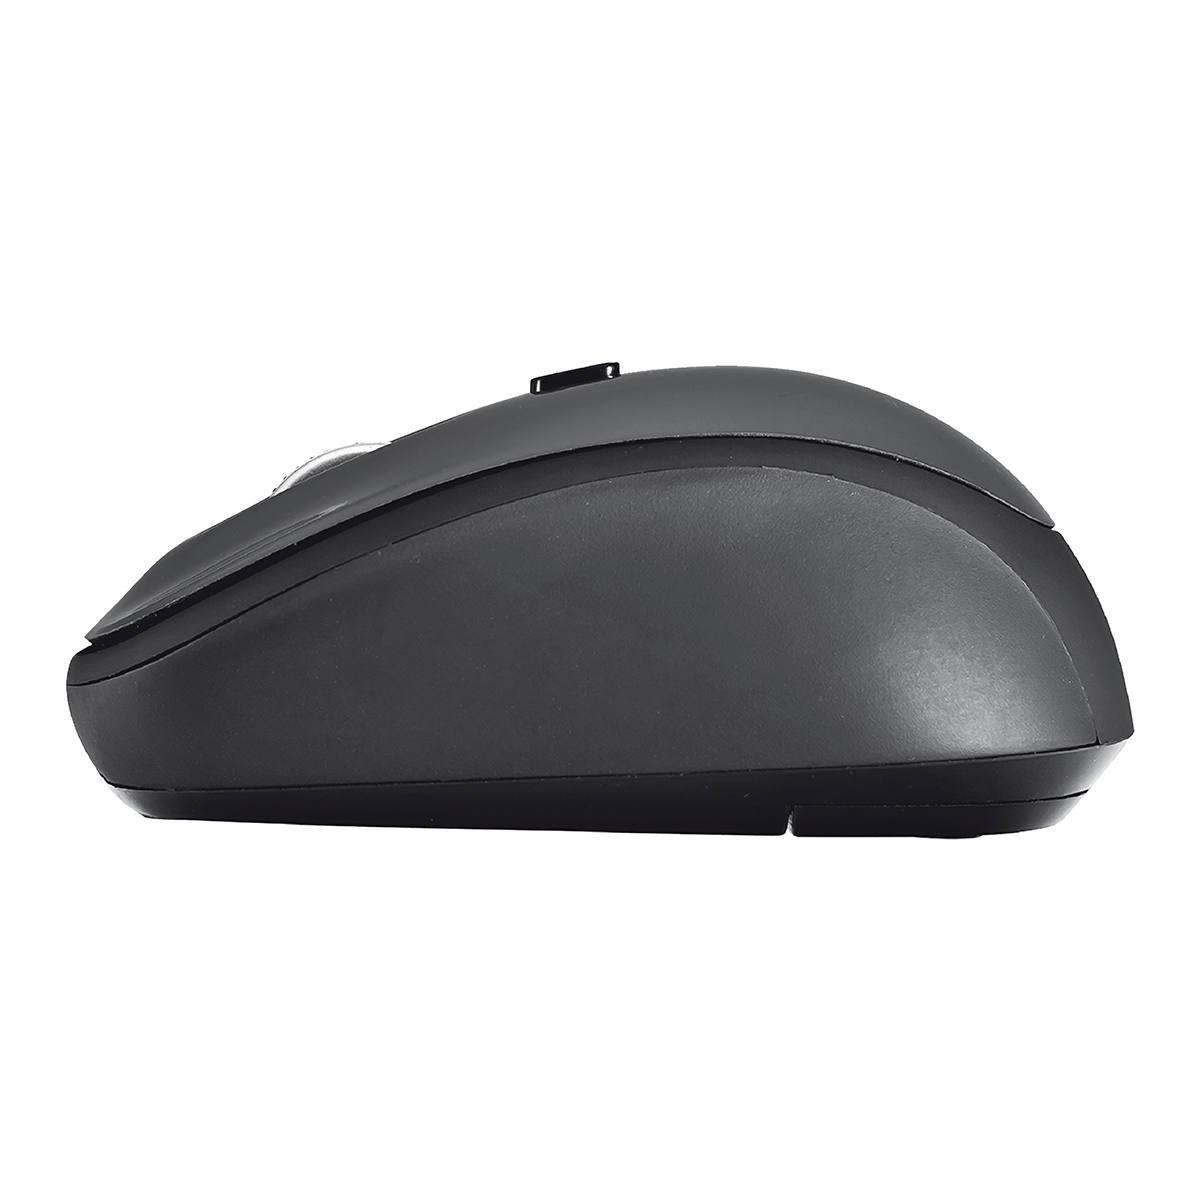 Mouse Wireless Compacto com Botão Seletor de DPI Micro Receptor USB Acompanha Pilha Trust Yvi Cinza